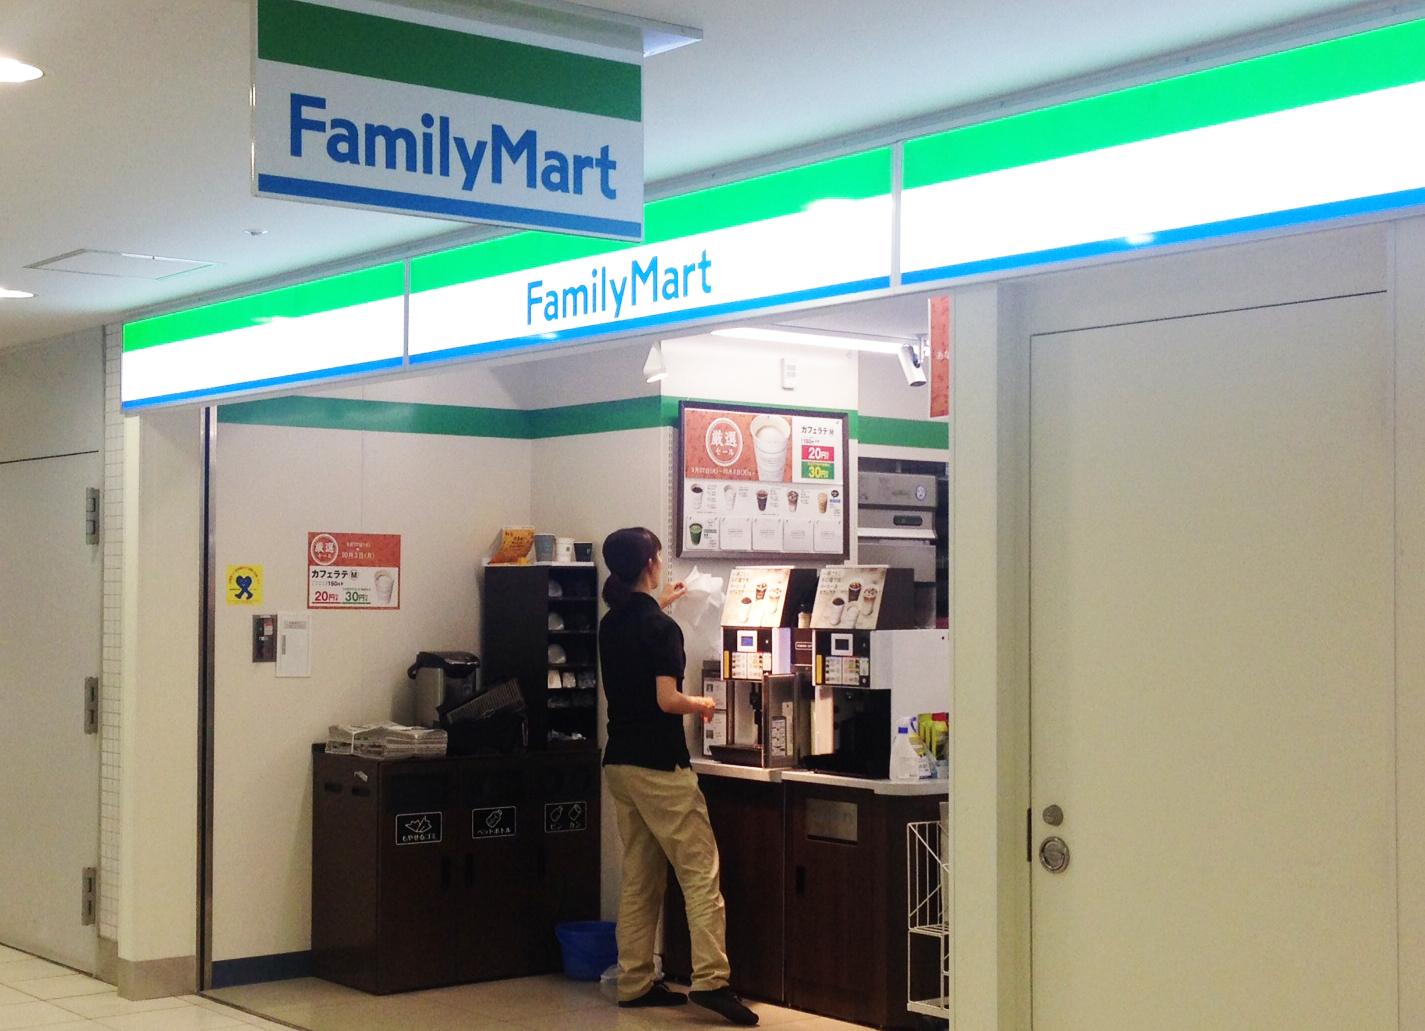 ファミマTカードの利用で還元率が高いファミリーマート